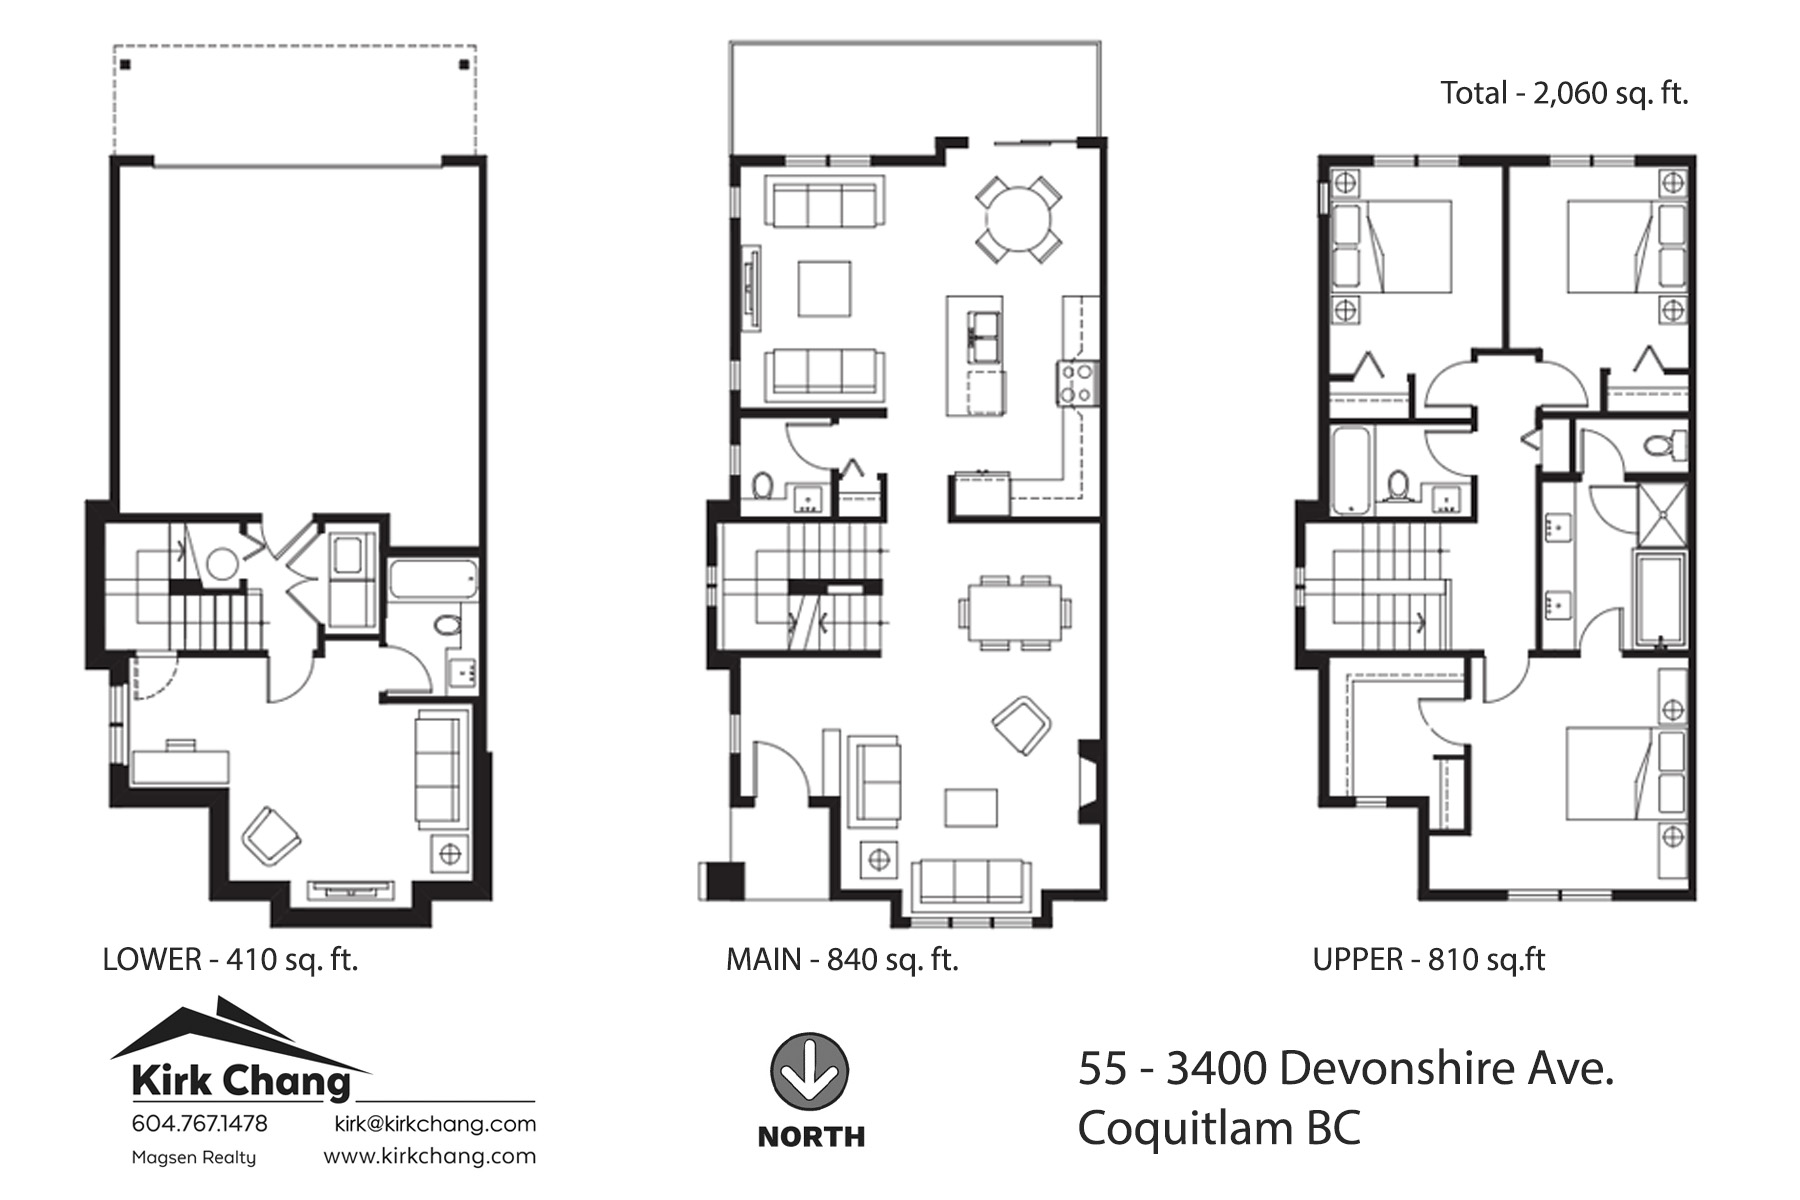 55 3400 Devonshire Ave. Coquitlam